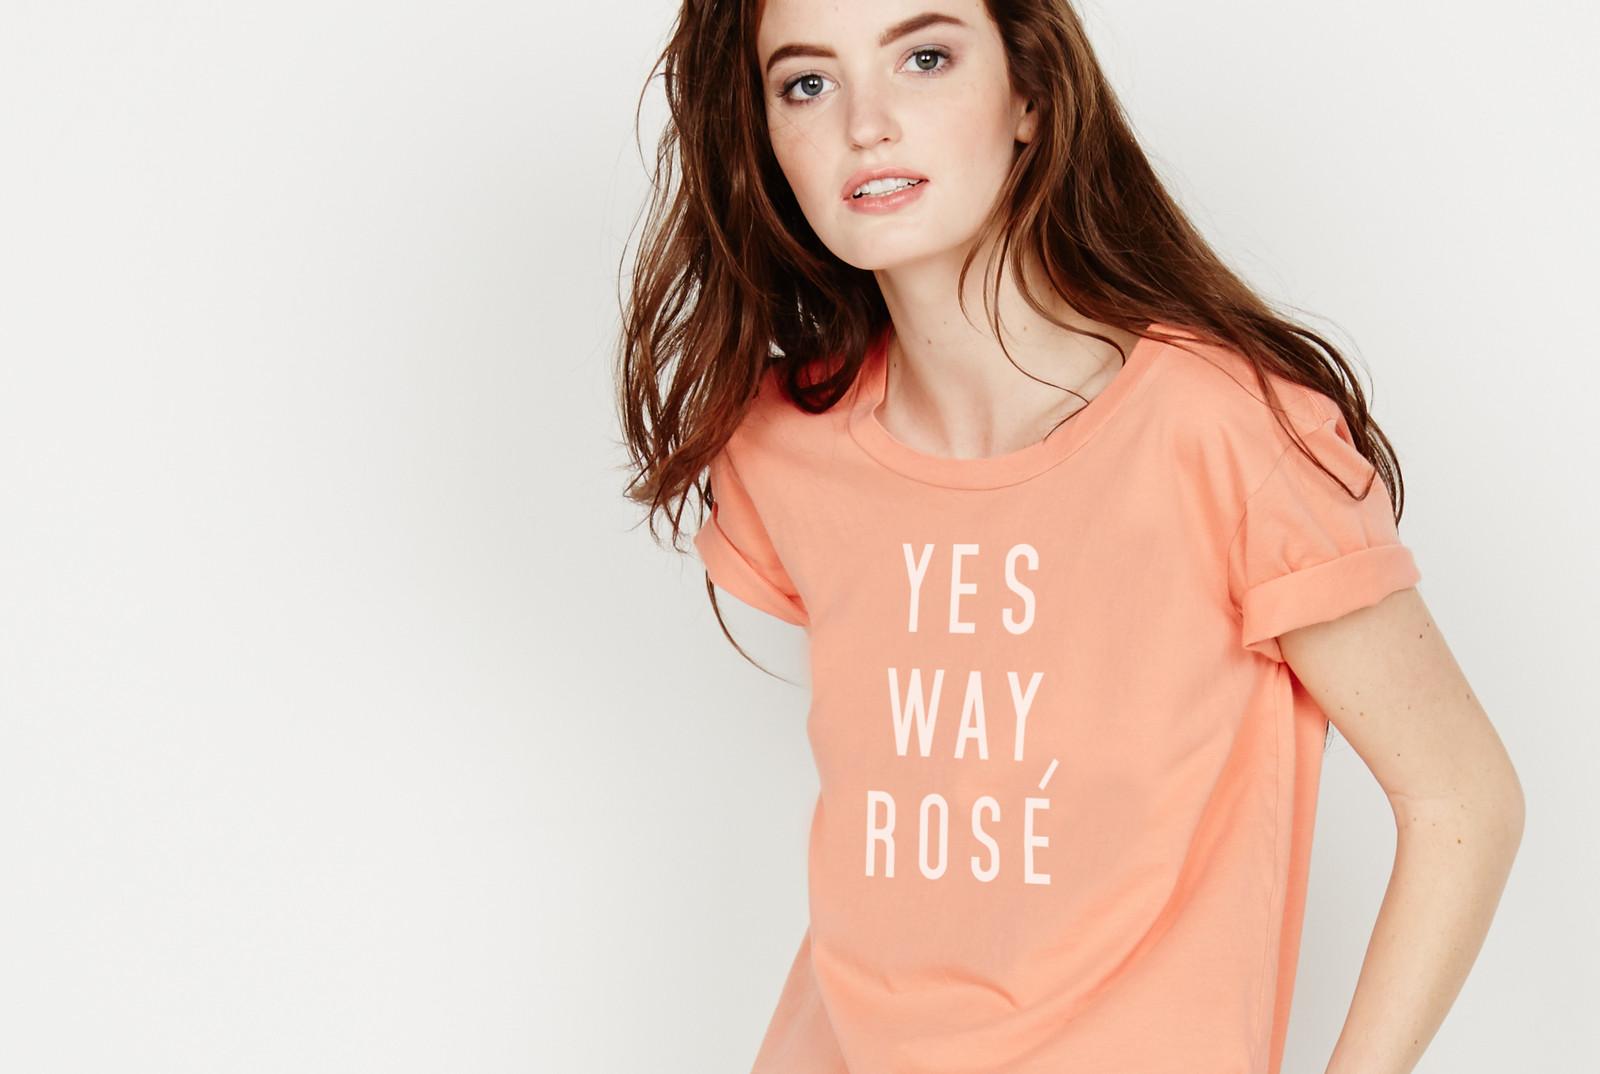 Yes way rose.jpg